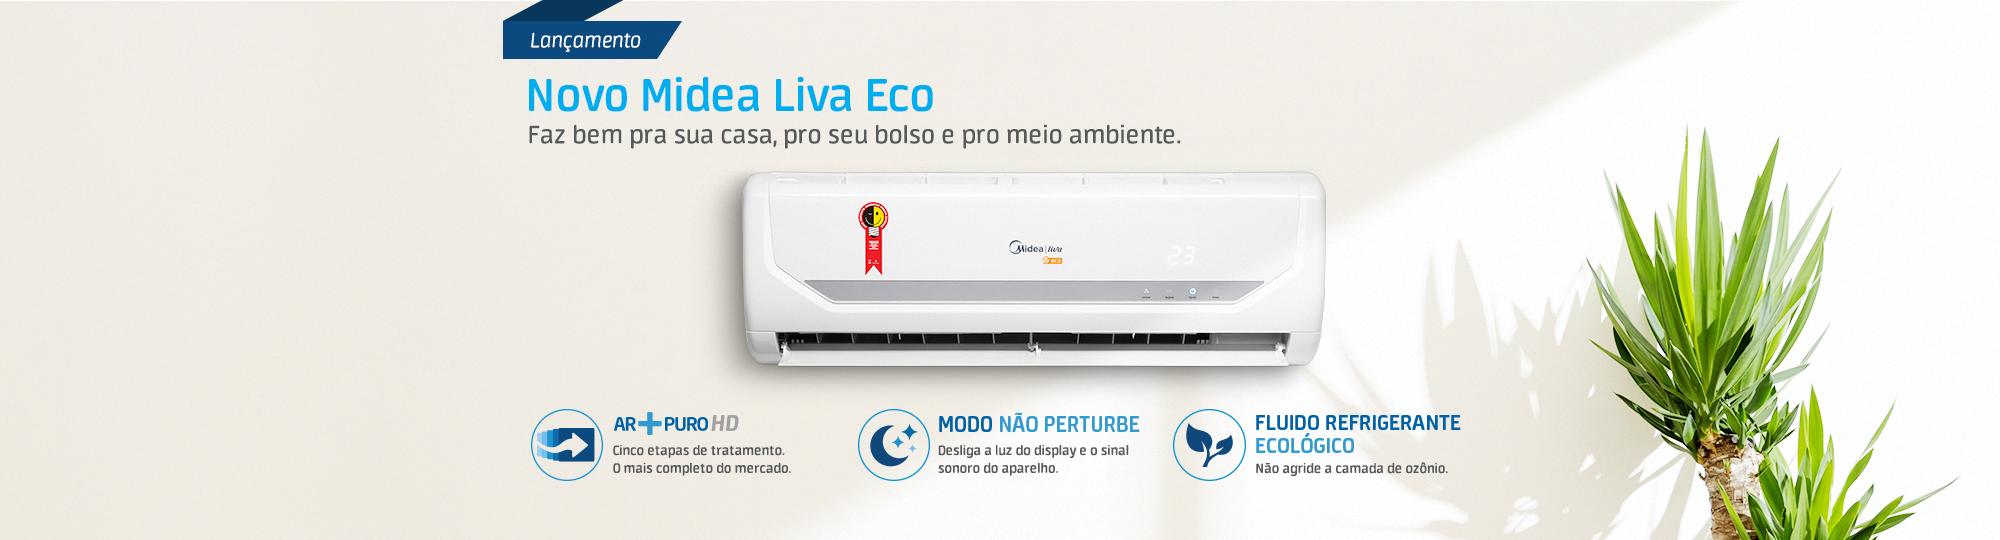 Midea Liva Eco